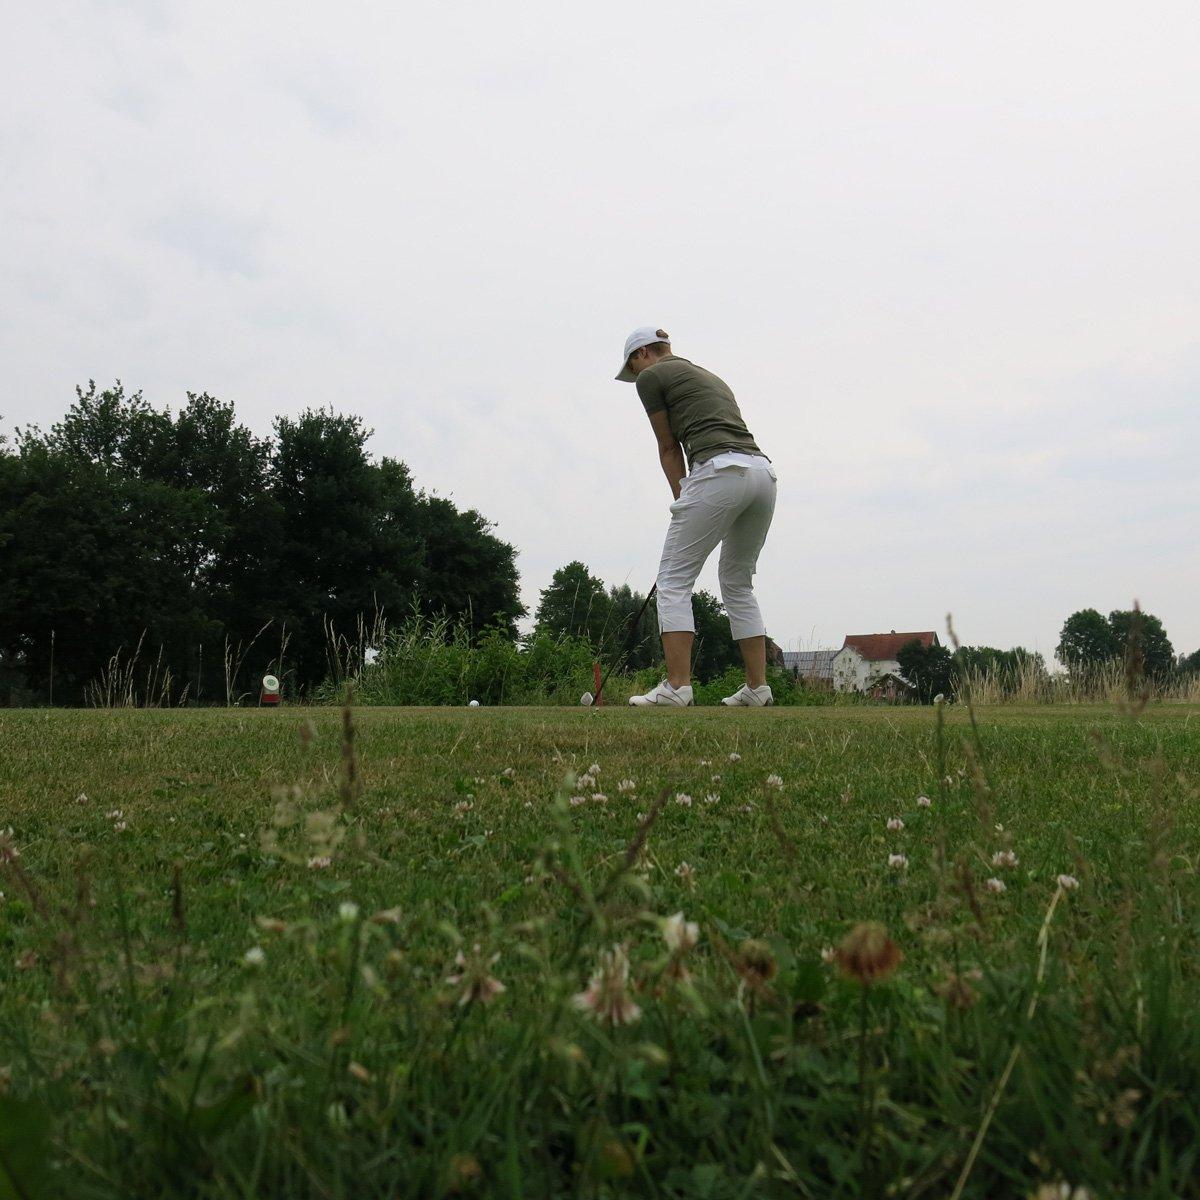 Golfclub Sagmühle, Conny Doll spielt Golf, Ansprechposition, Abschlag